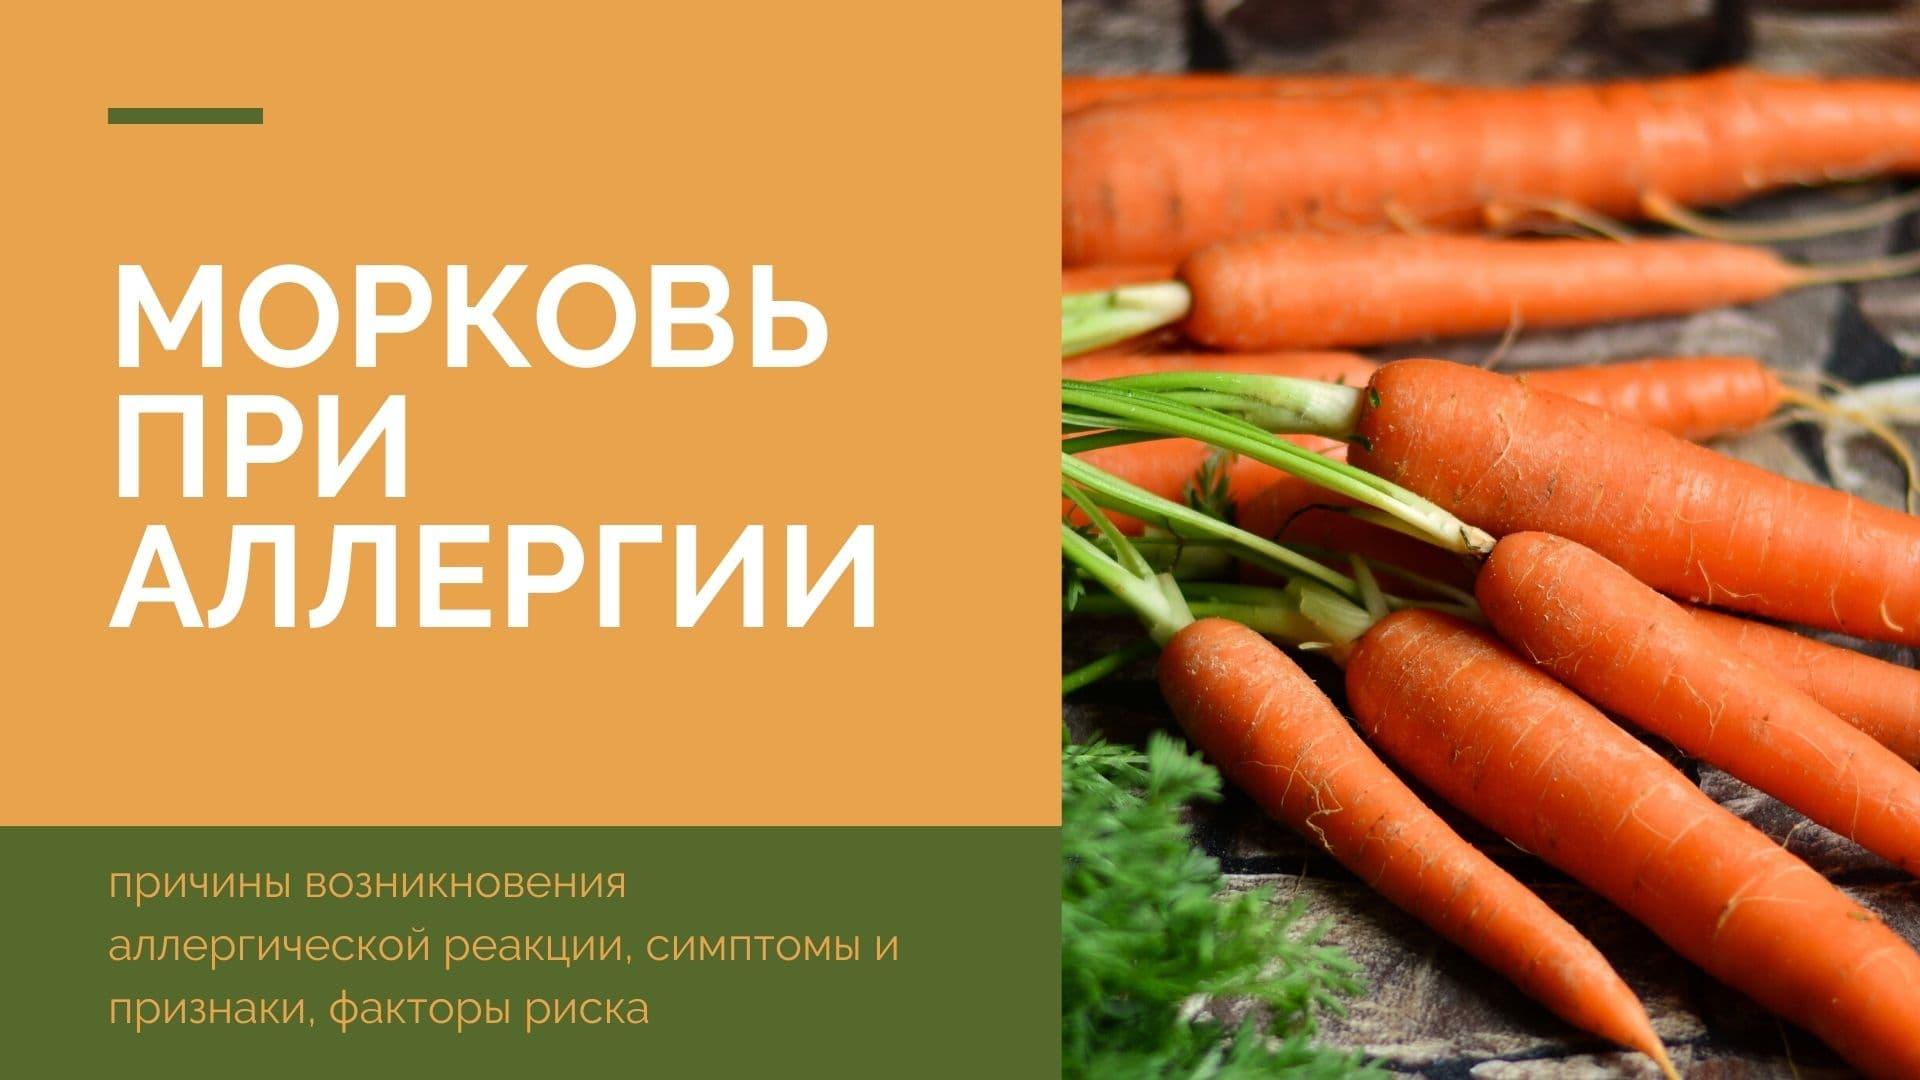 Морковь при аллергии: причины возникновения аллергической реакции, симптомы и признаки, факторы риска